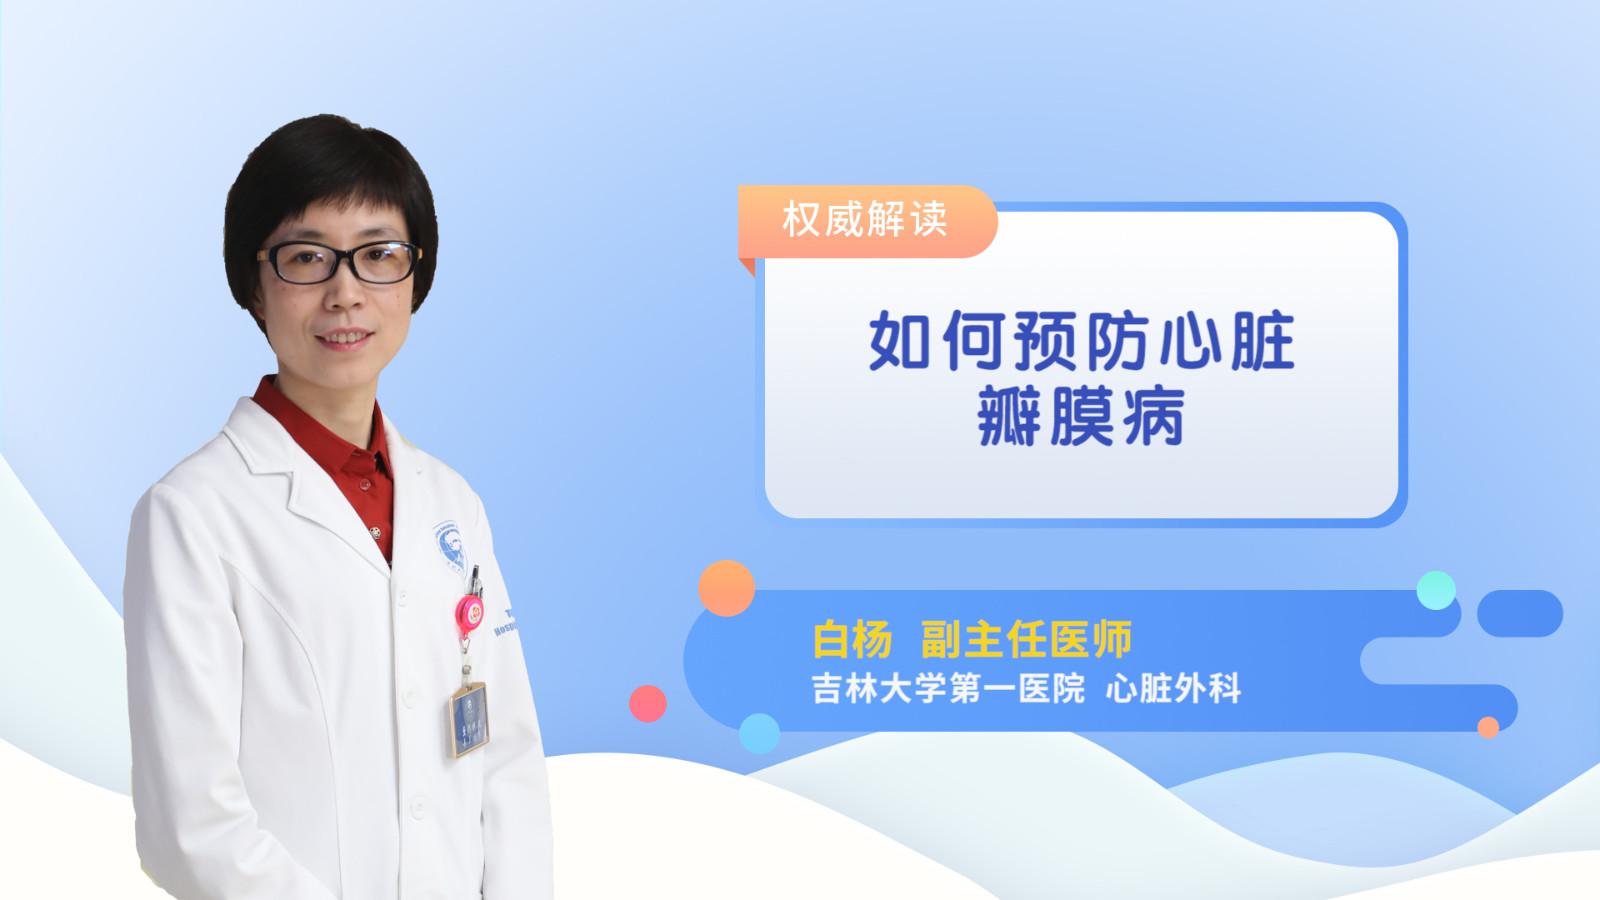 如何预防心脏瓣膜病